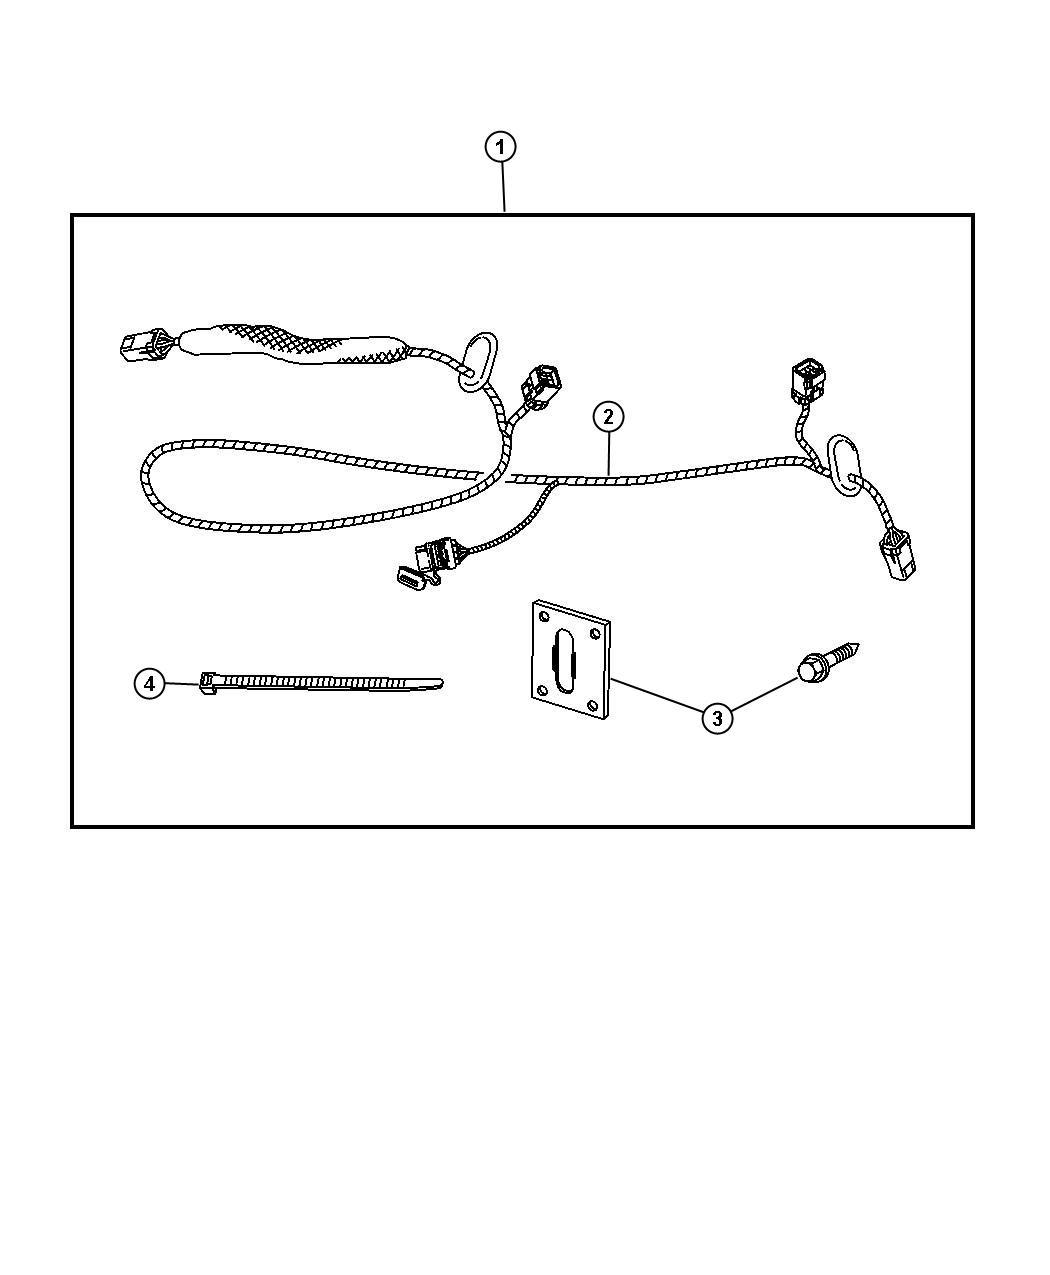 82208434ac - wiring kit  trailer tow